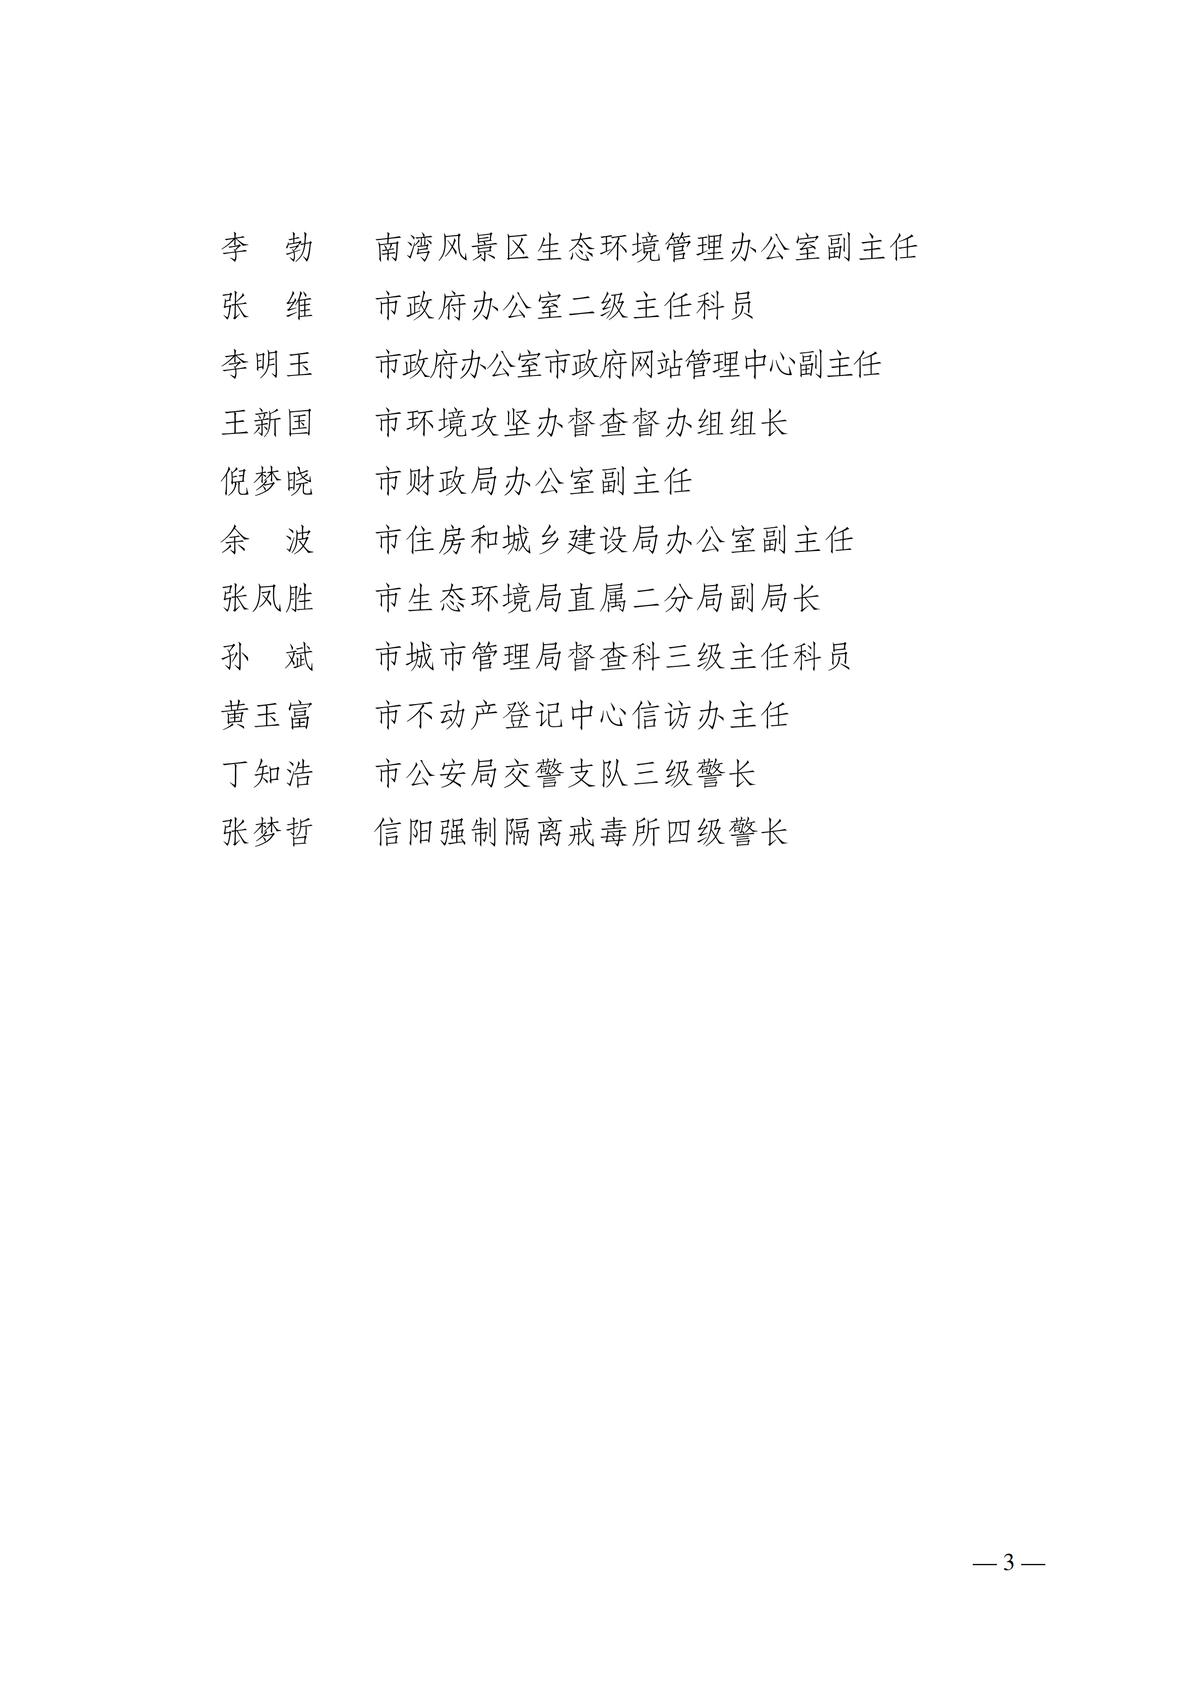 信陽市人民政府關于表彰人民網市長信箱留言辦理工作先進單位和先進個人的決定